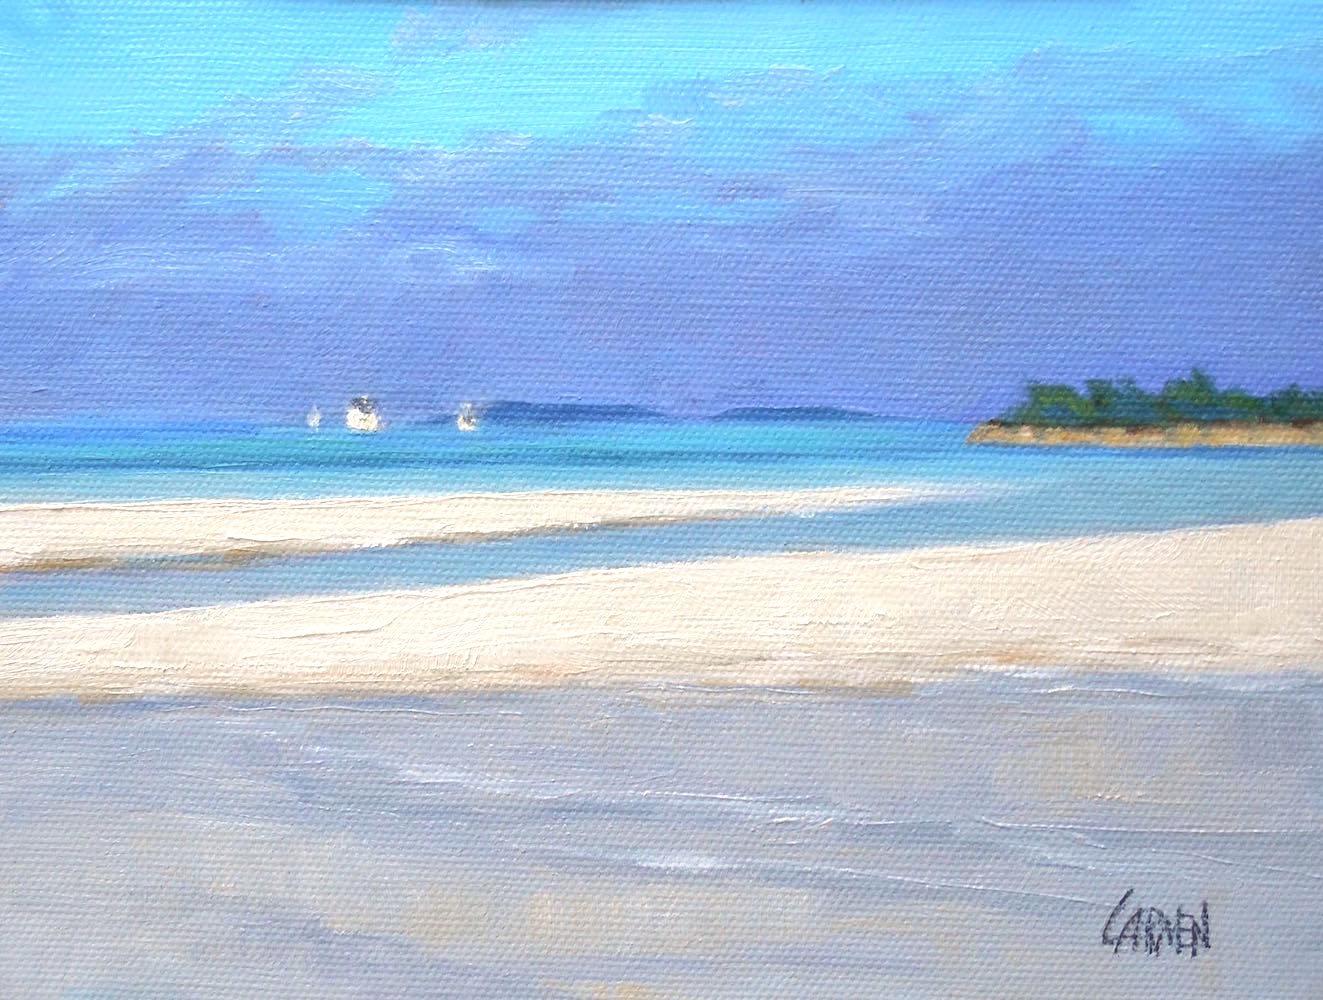 Tahiti Beach 6x8 Oil On Canvas Panel Seascape Elbow Cay Abacos Islands